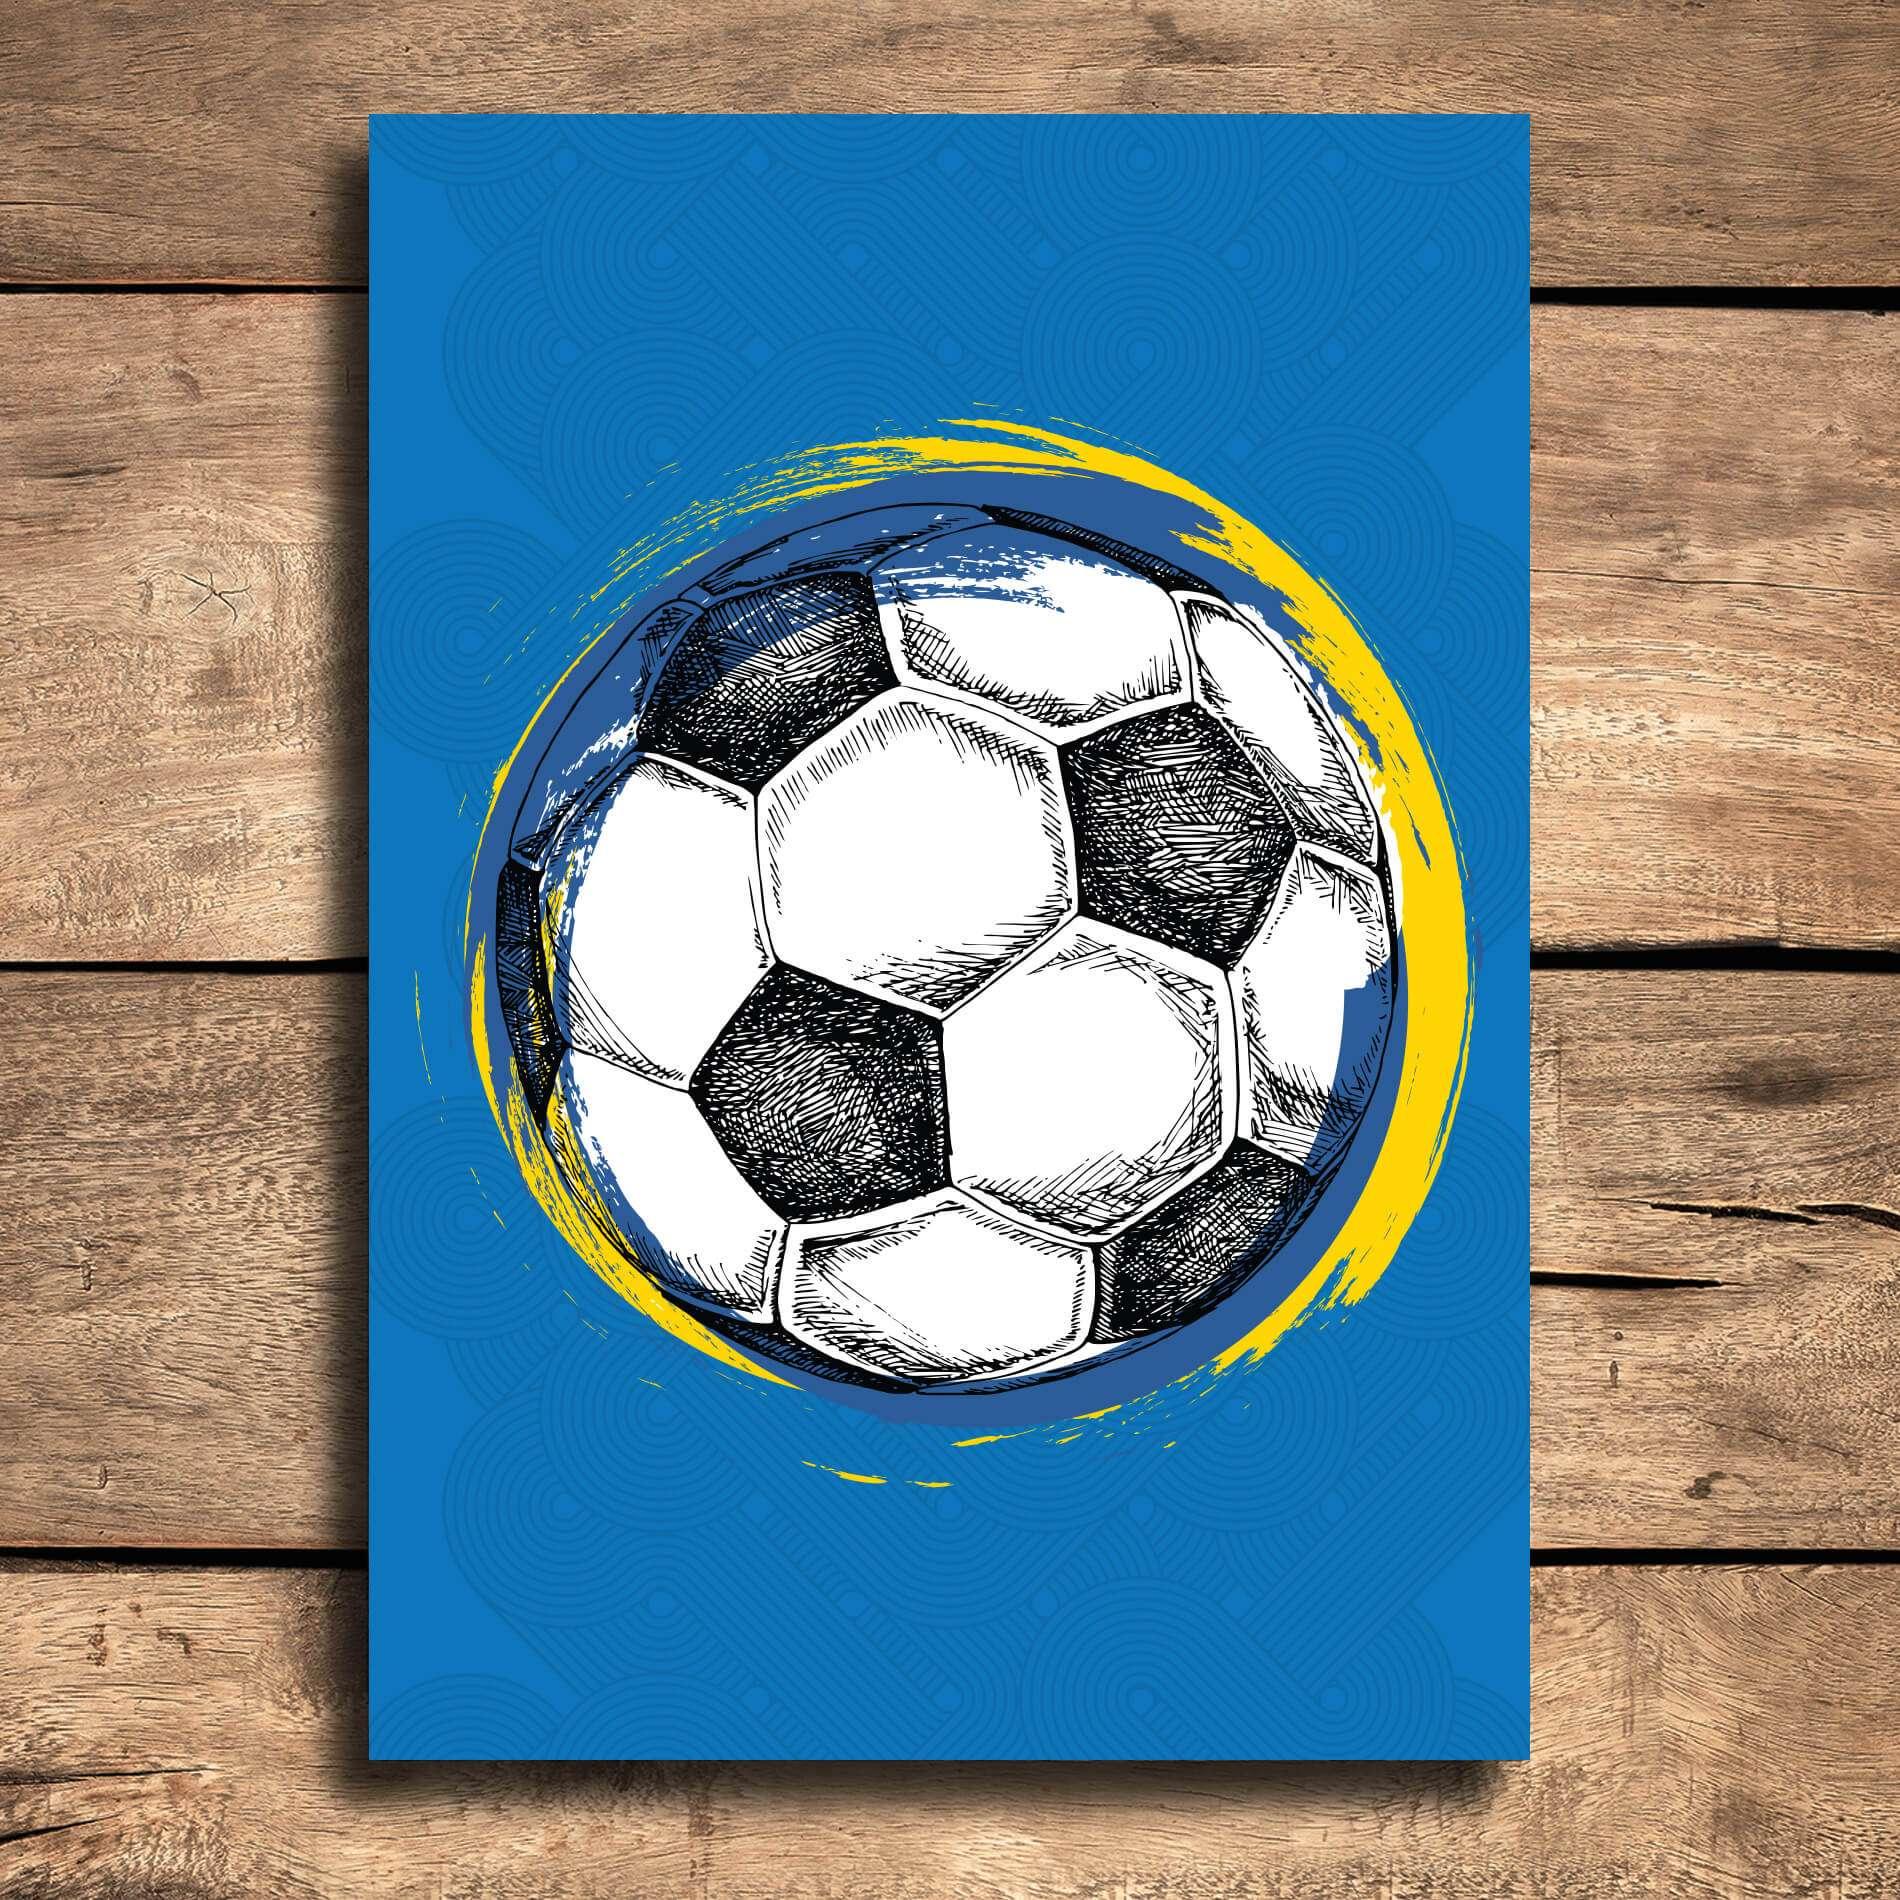 Placa Decorativa MDF Bola de Futebol Fundo Azul 30x40cm 068b98eb43f13